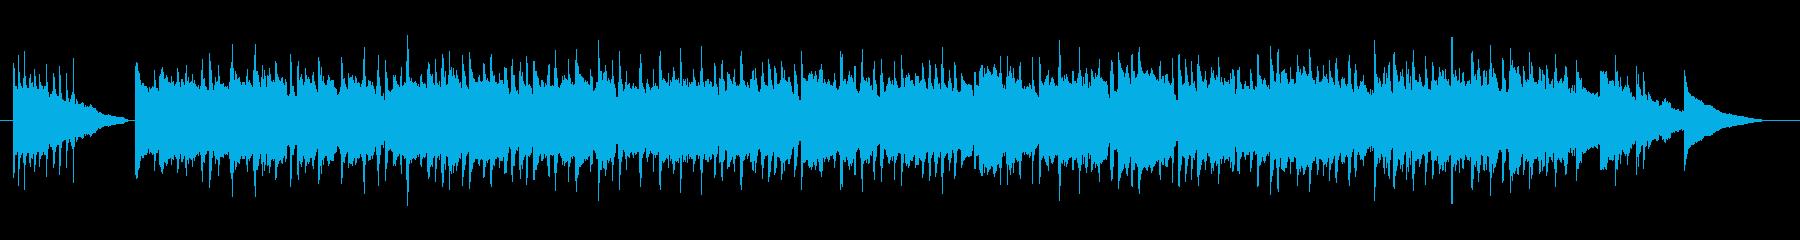 別れのピアノワルツ曲の再生済みの波形